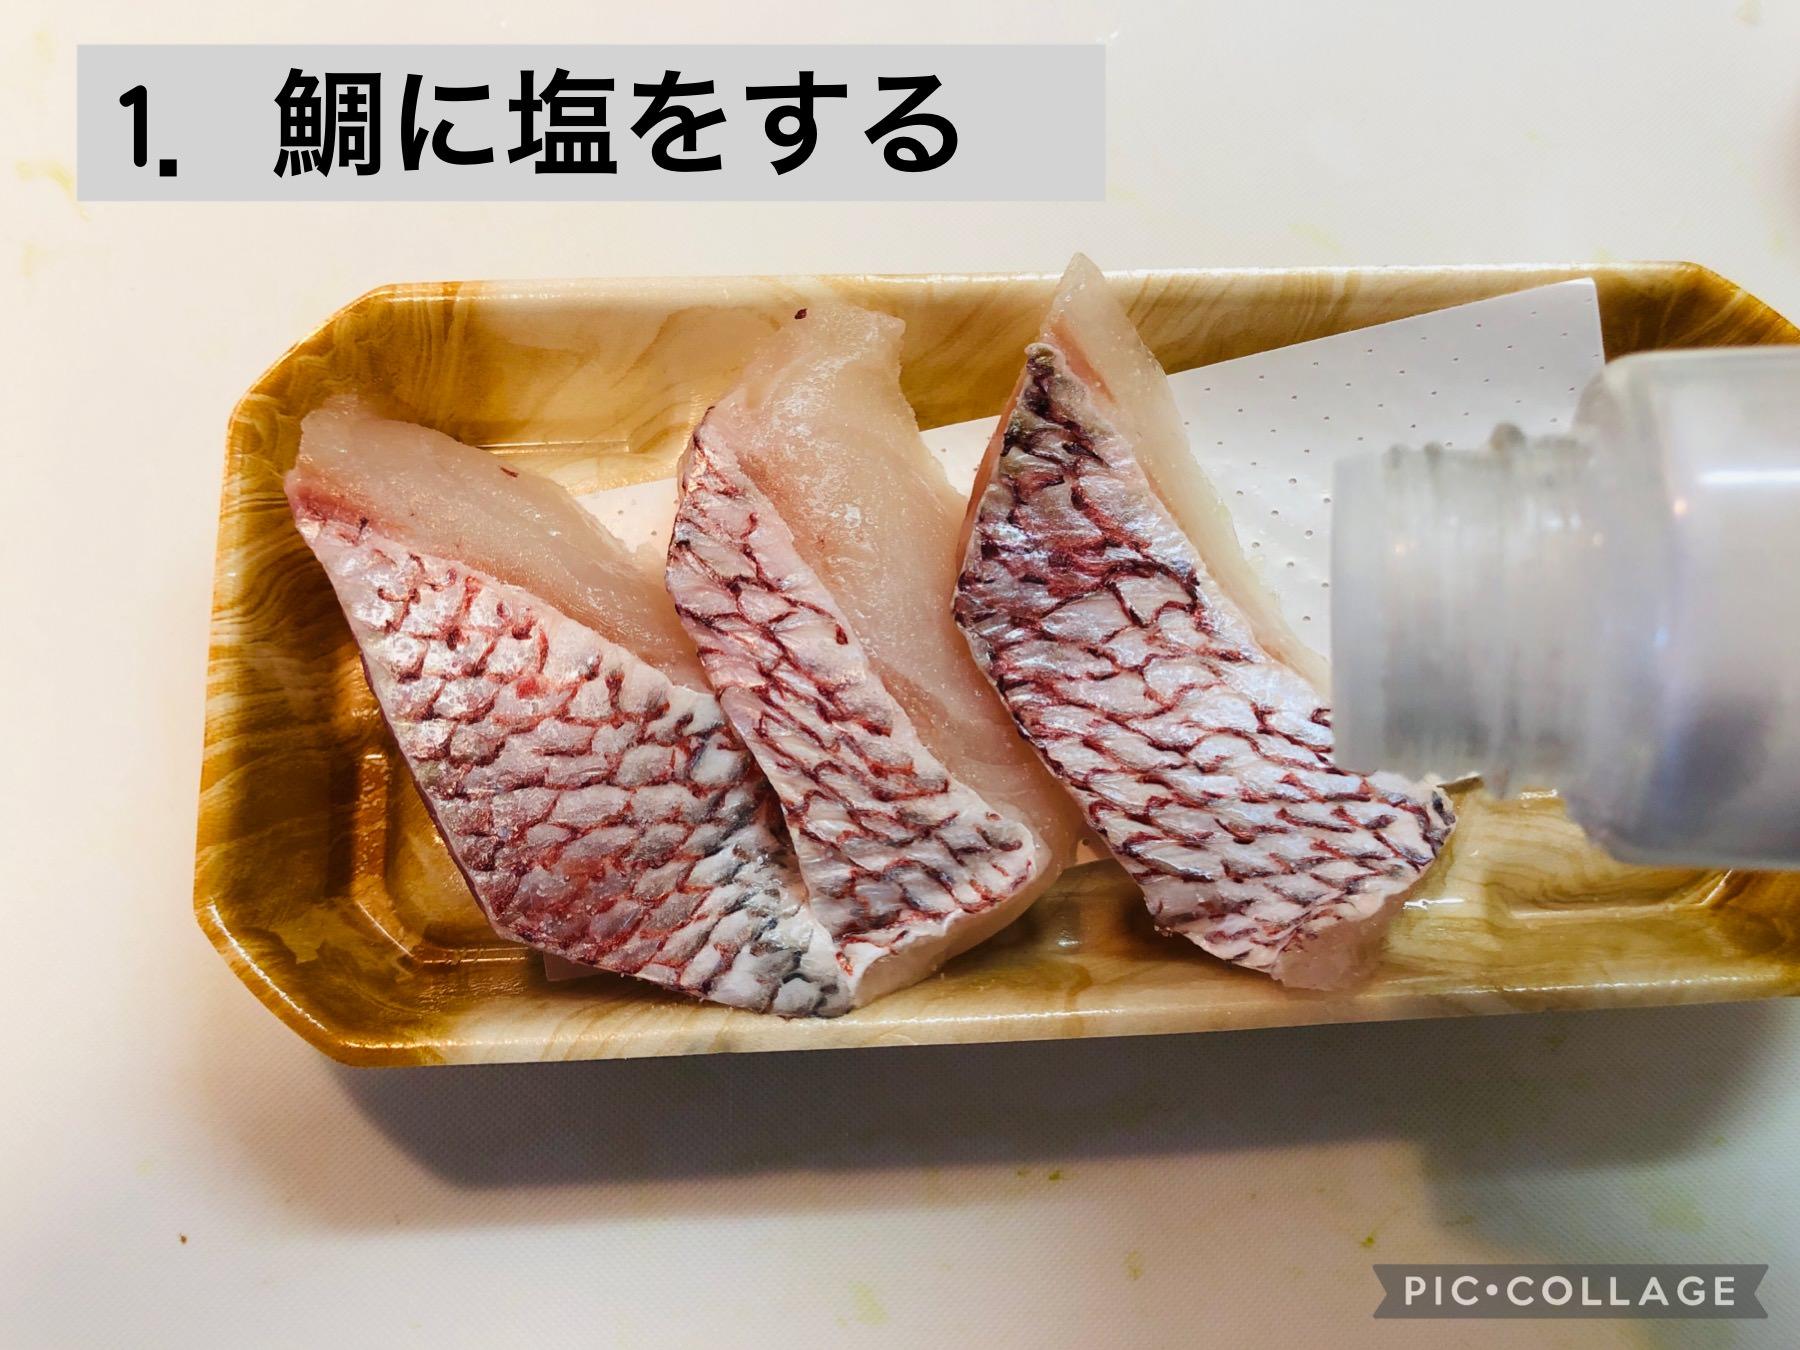 鯛に塩をする様子の画像です